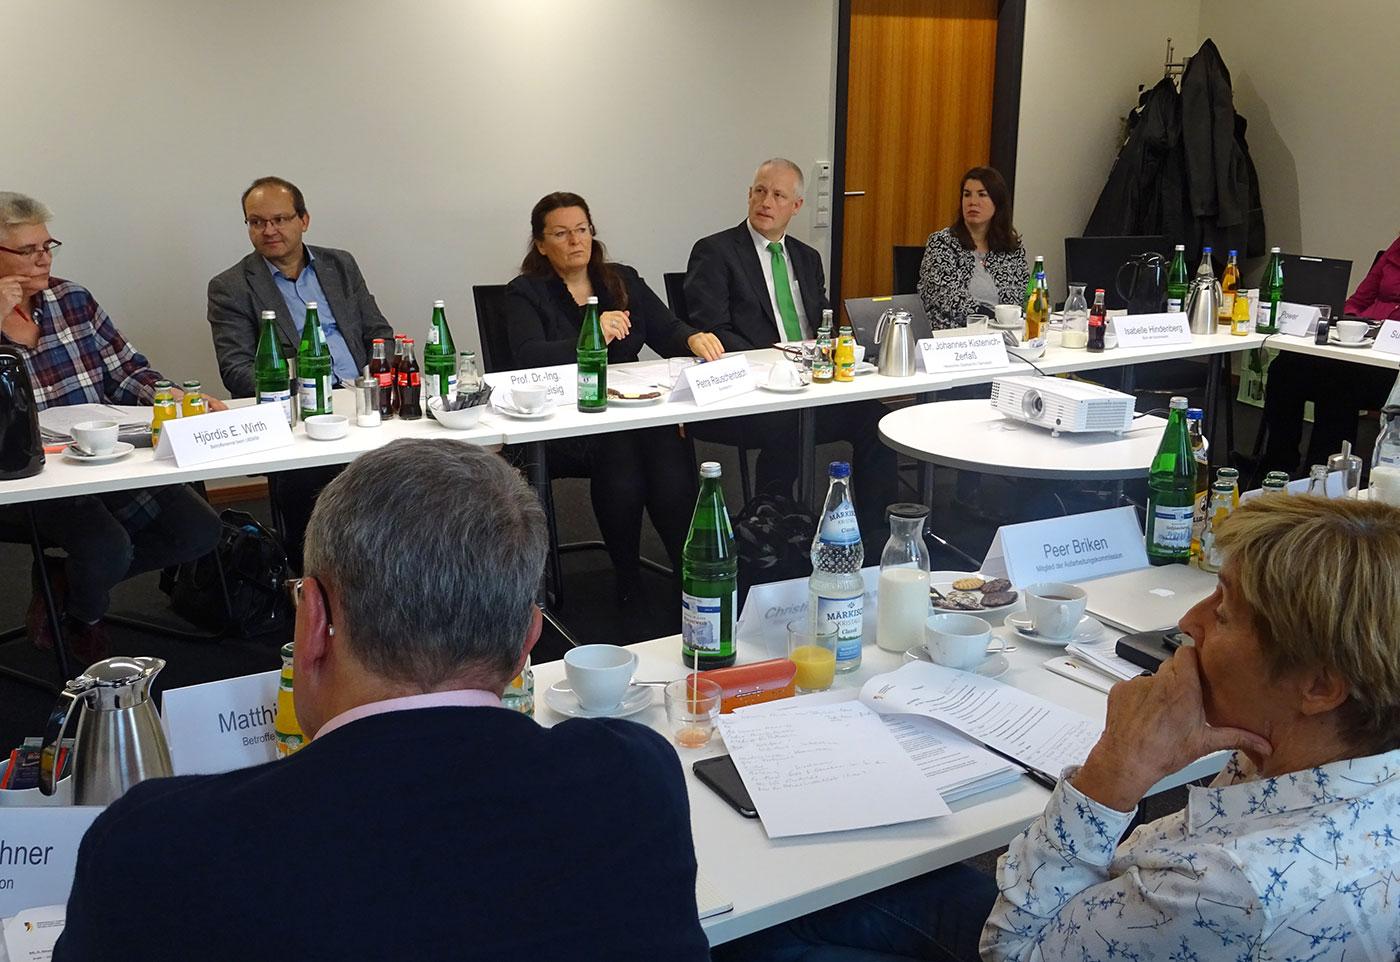 Mehrere Personen sitzen um einen Tisch und diskutieren.